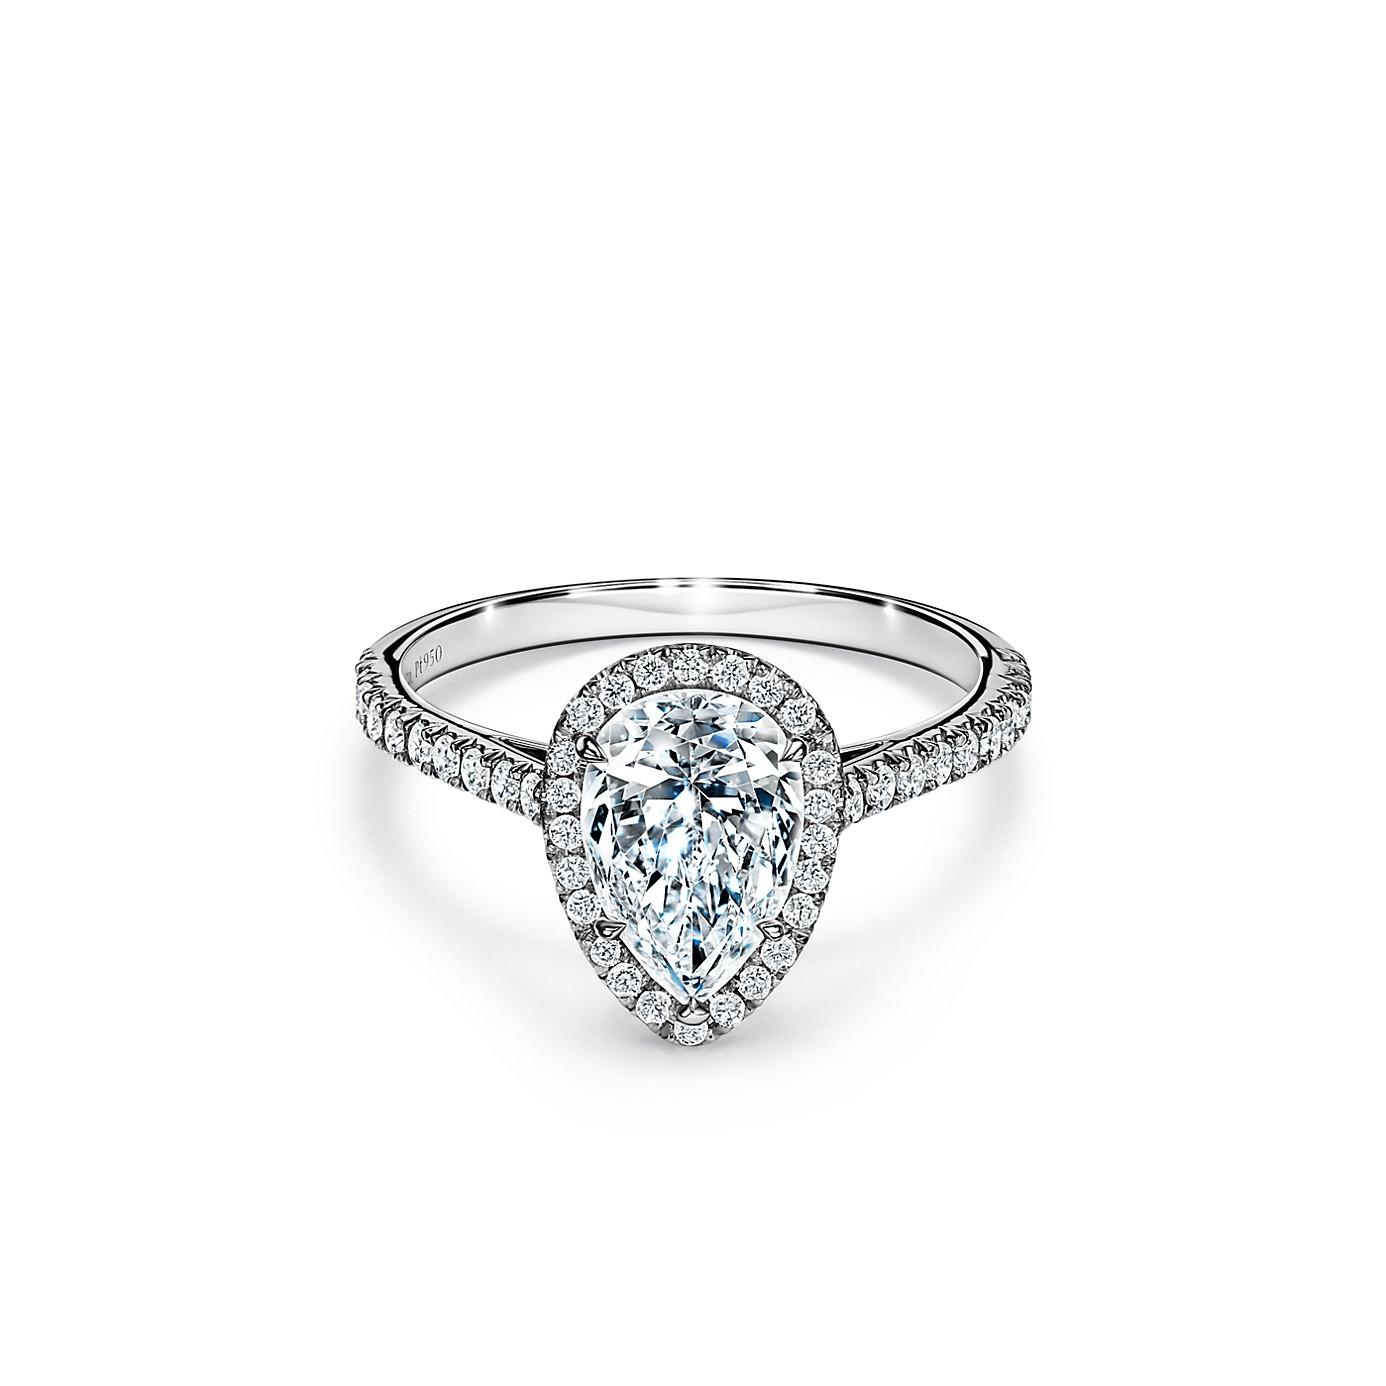 ティファニー ソレスト ペアシェイプ ダイヤモンド エンゲージメント リング(1)―Tiffany & Co.(ティファニー)